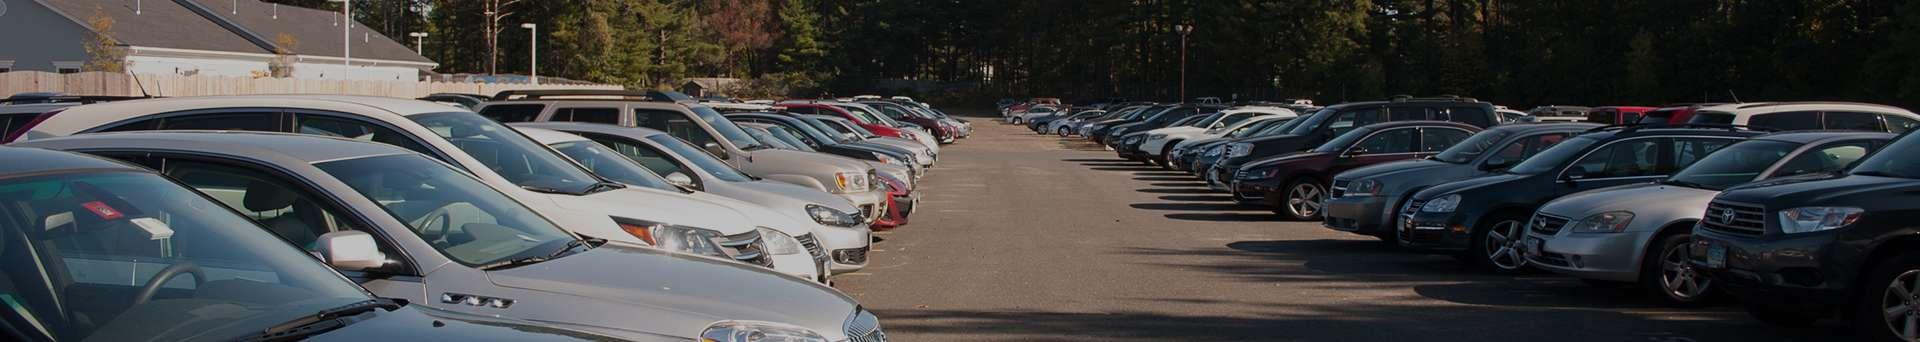 parking-lot-slide2